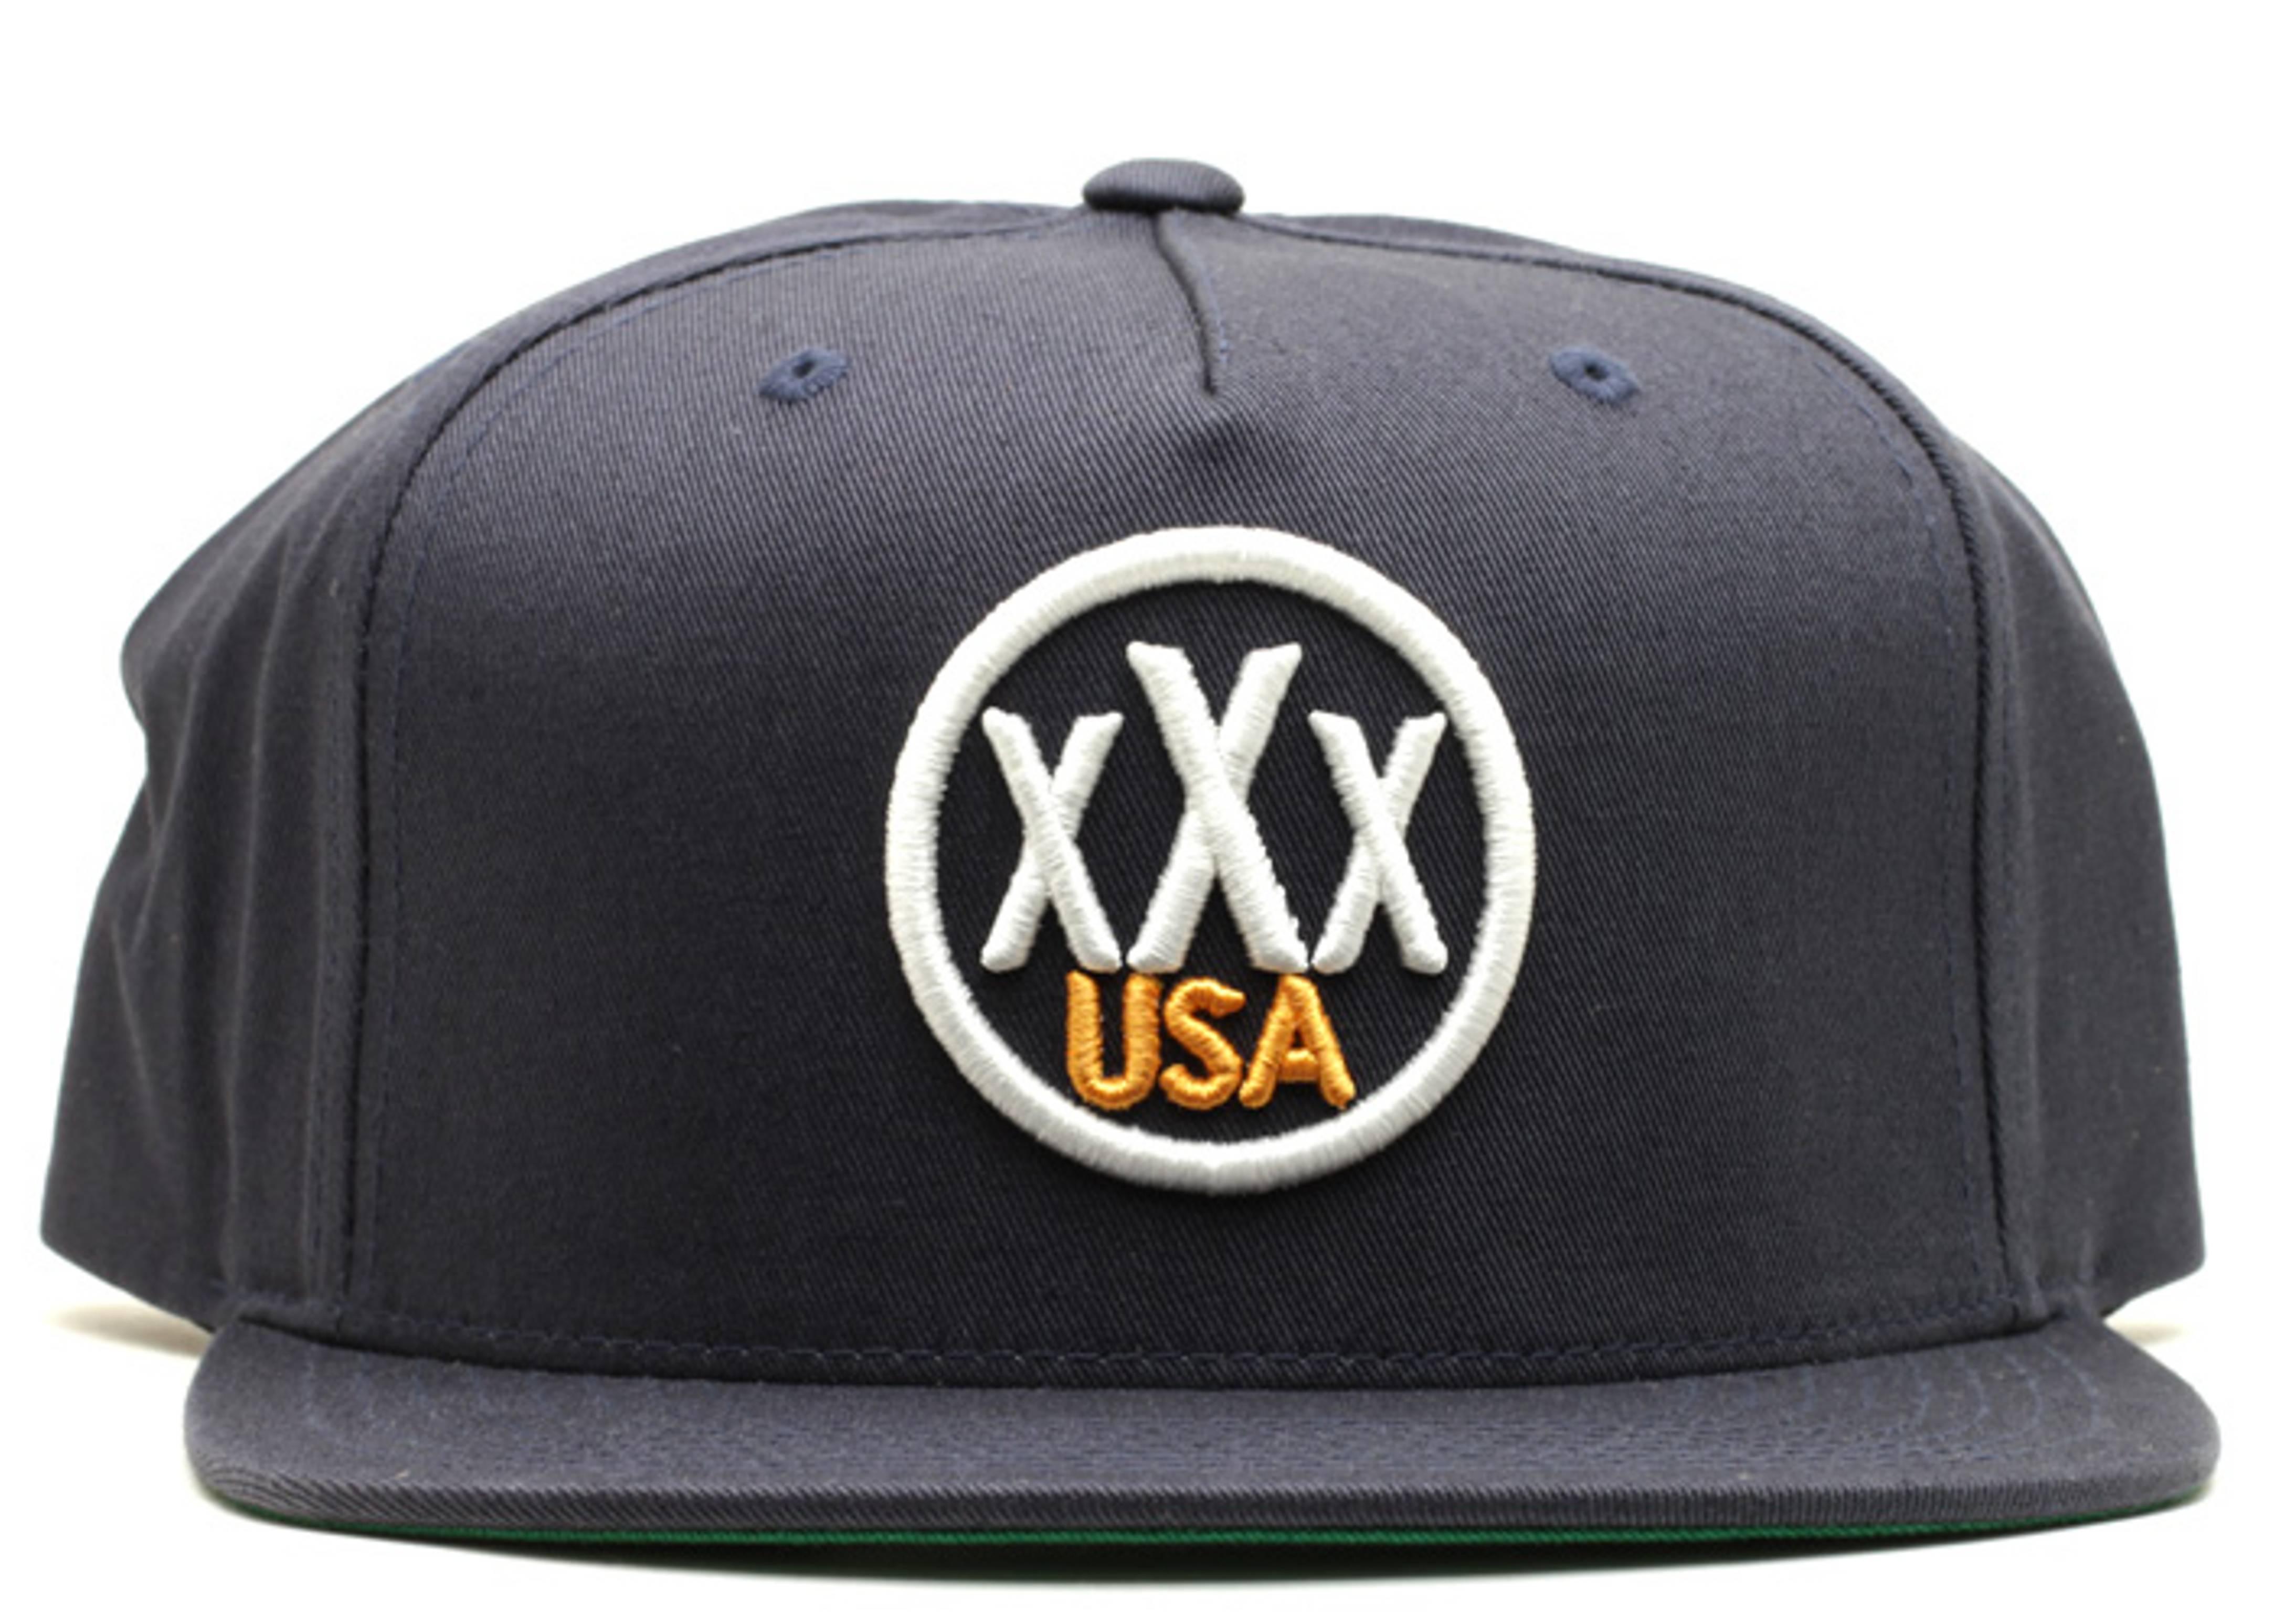 xxx usa snap-back